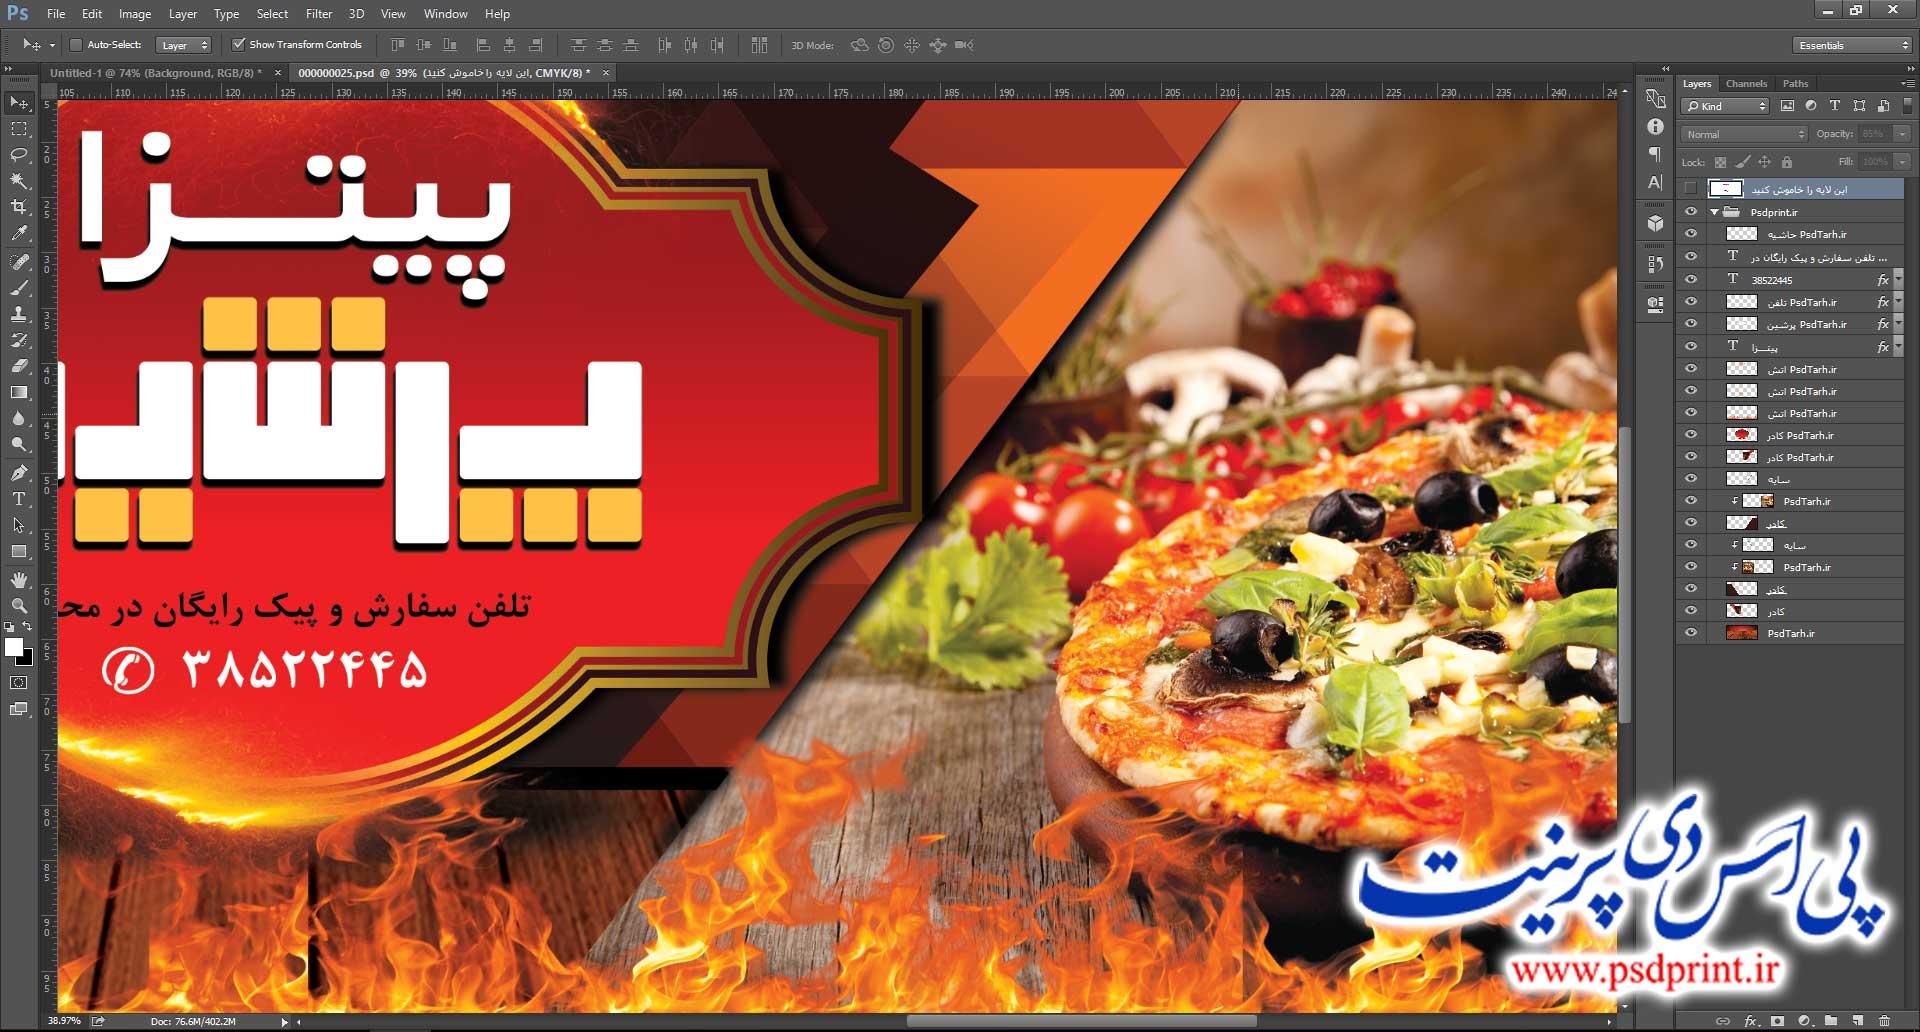 بنر لایه باز پیتزا فروشی